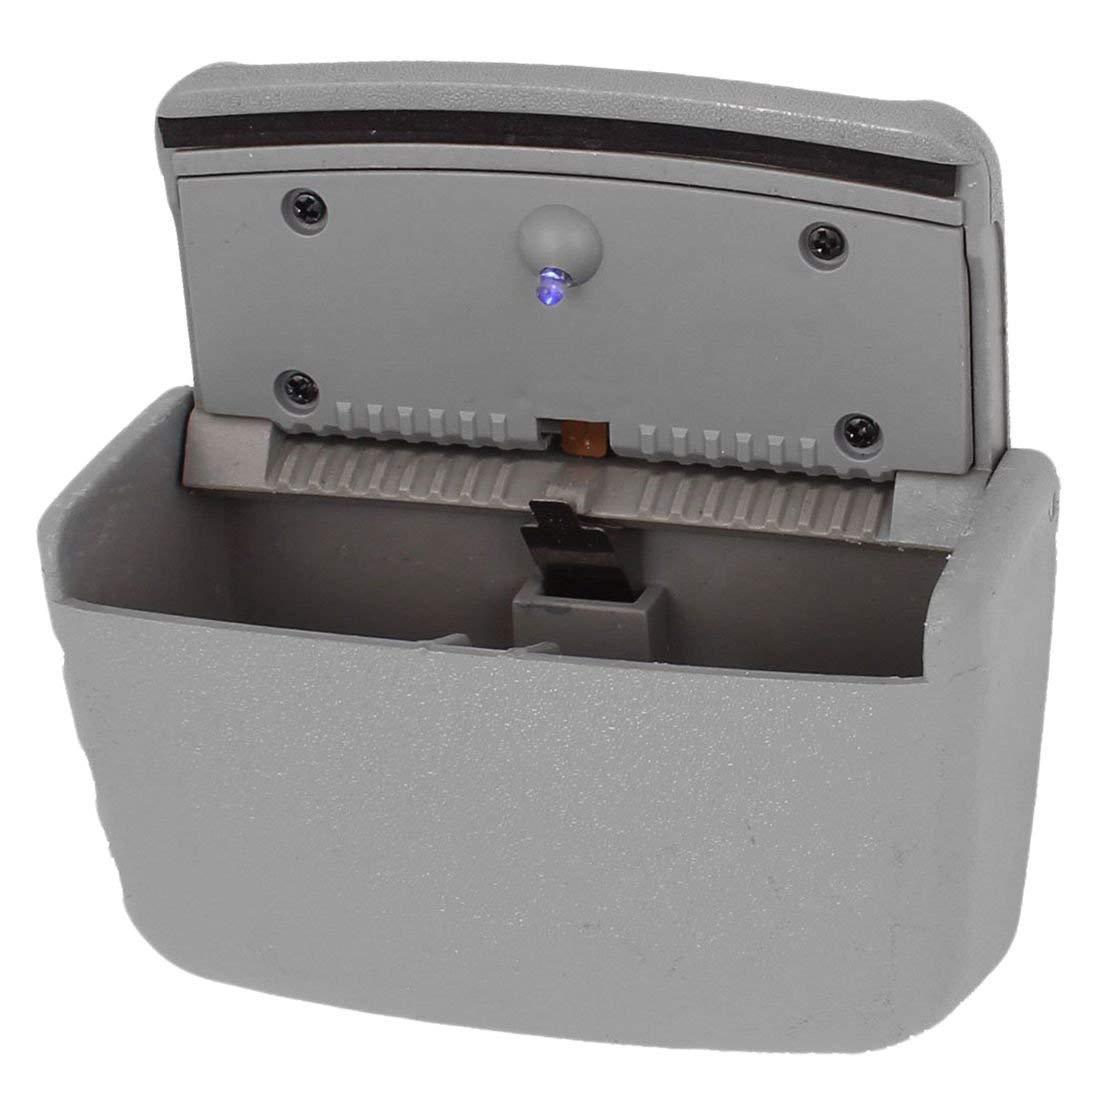 SODIAL Graue Kunststoff KFZ Aschenbecher rauchfrei rechteckig R